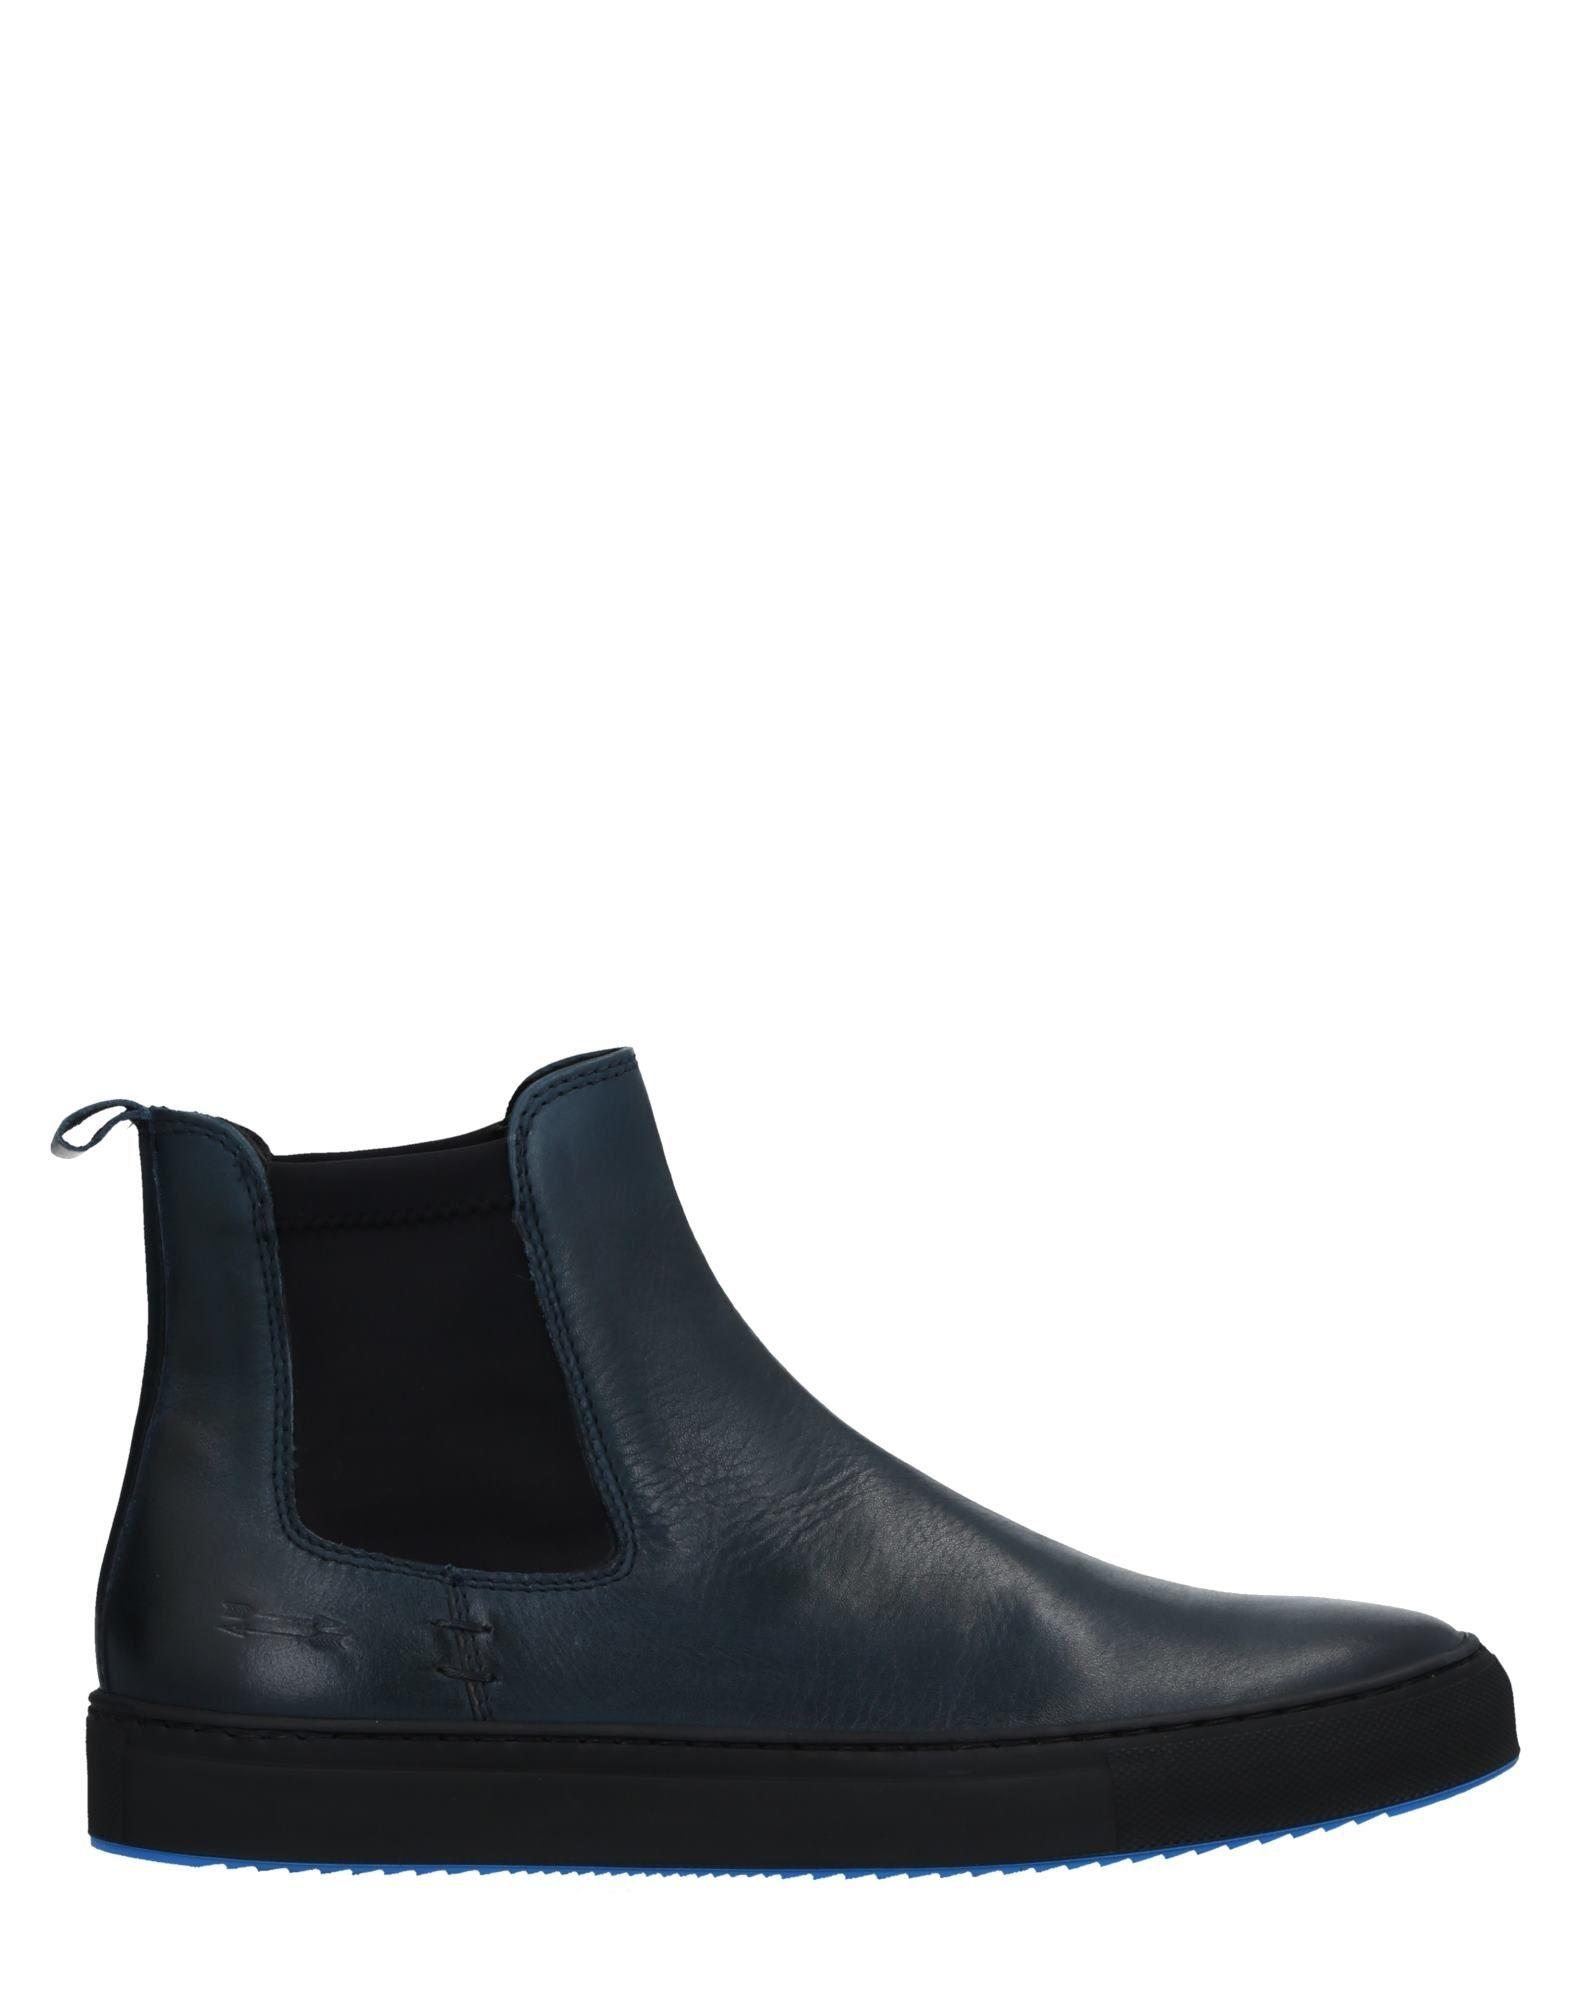 Uri Minkoff Boots - - - Men Uri Minkoff Boots online on  Canada - 11516276NS a846ca